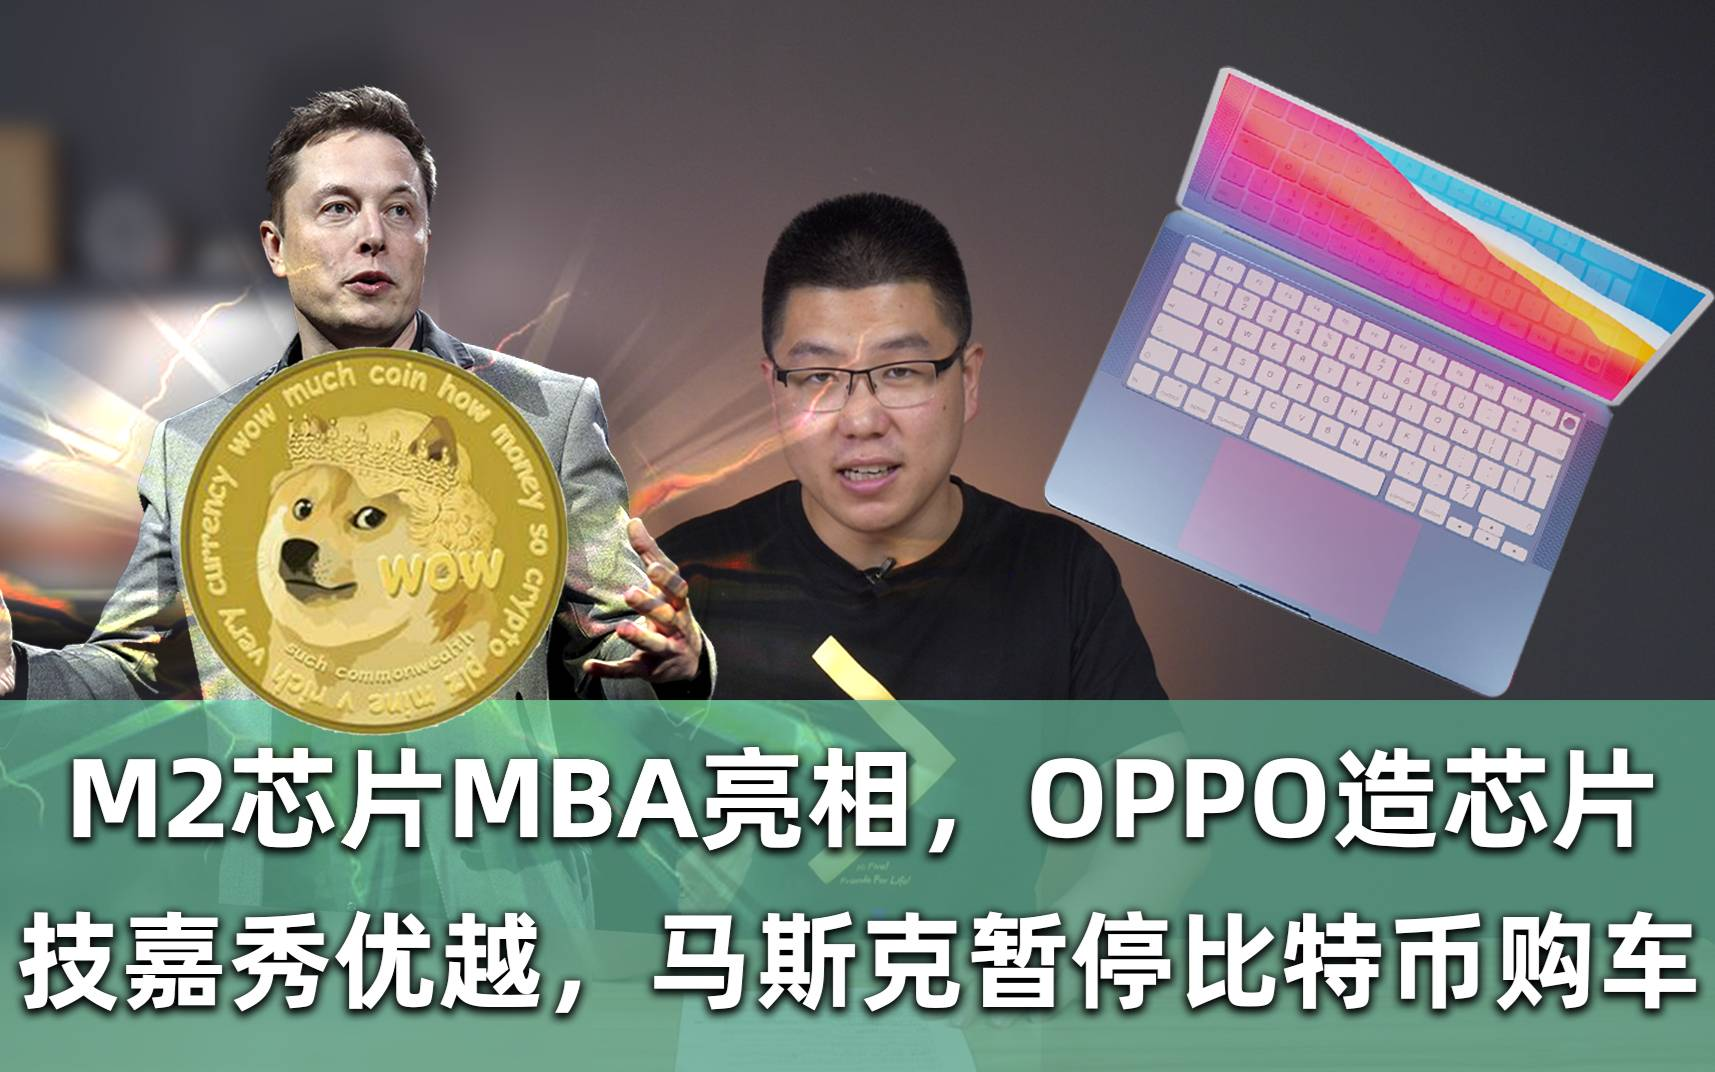 【E周报】61:M2芯片MBA亮相,OPPO造芯片;技嘉秀优越,马斯克暂停比特币购车